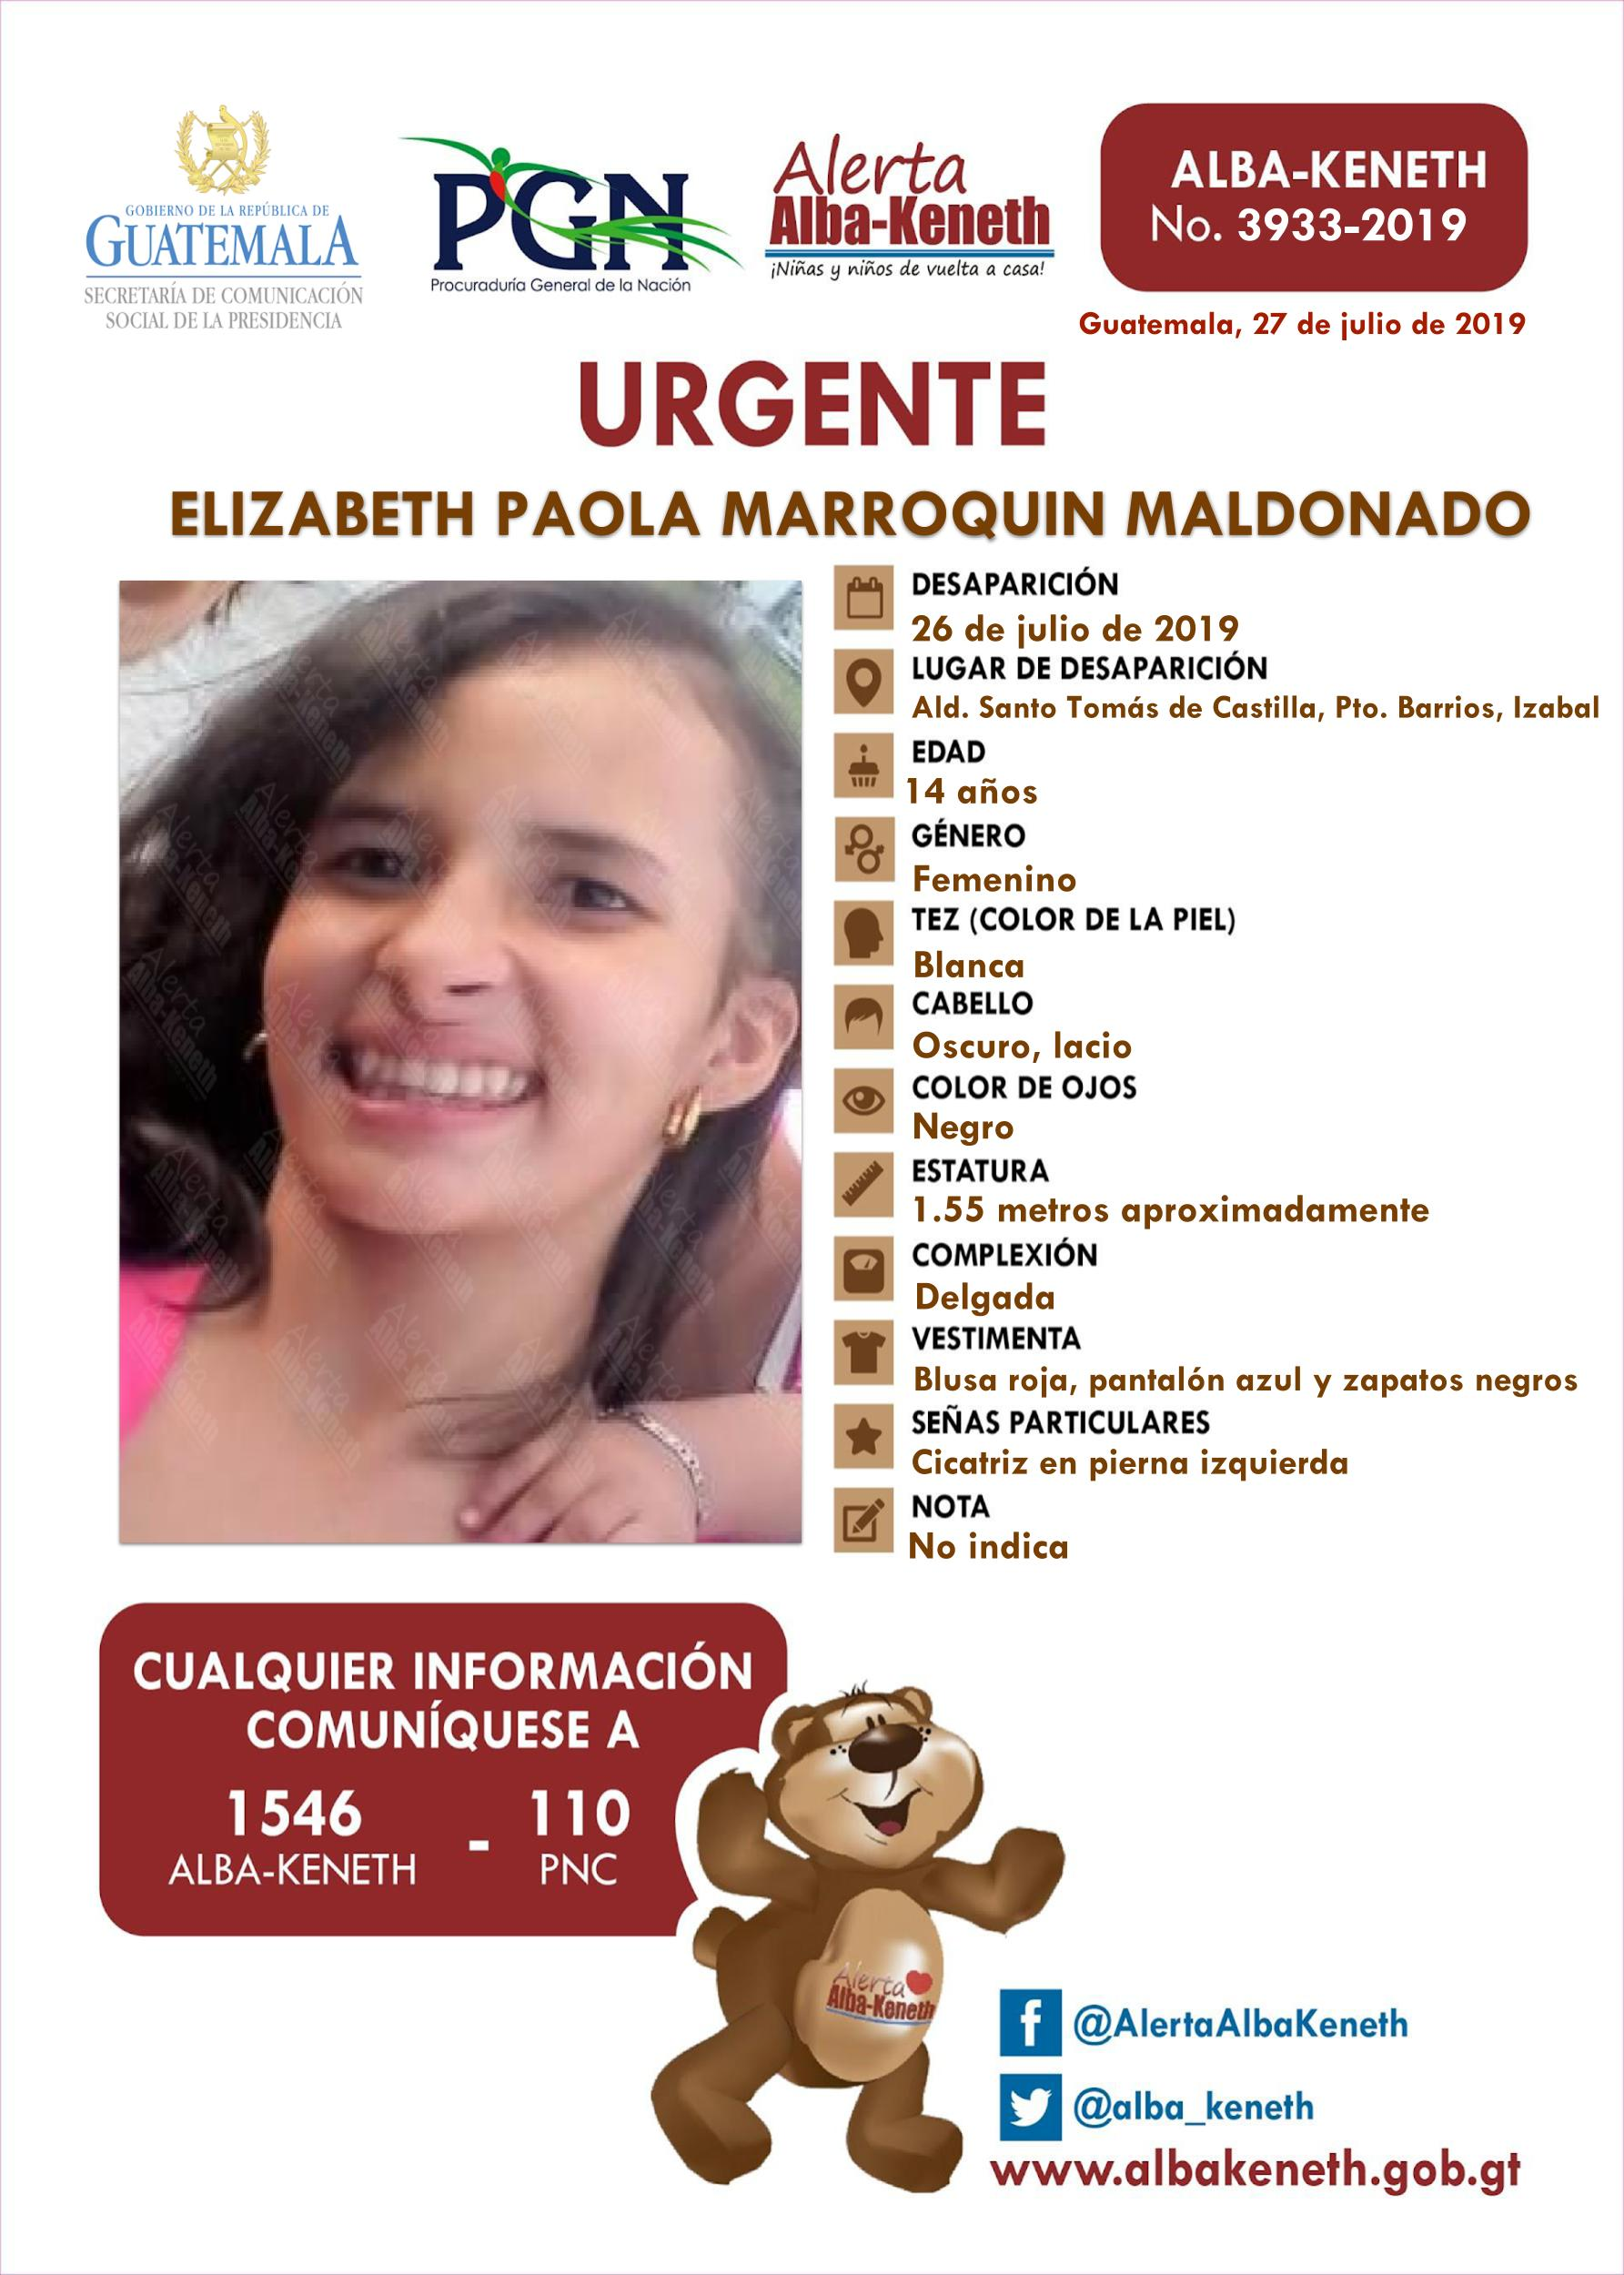 Elizabeth Paola Marroquin Maldonado